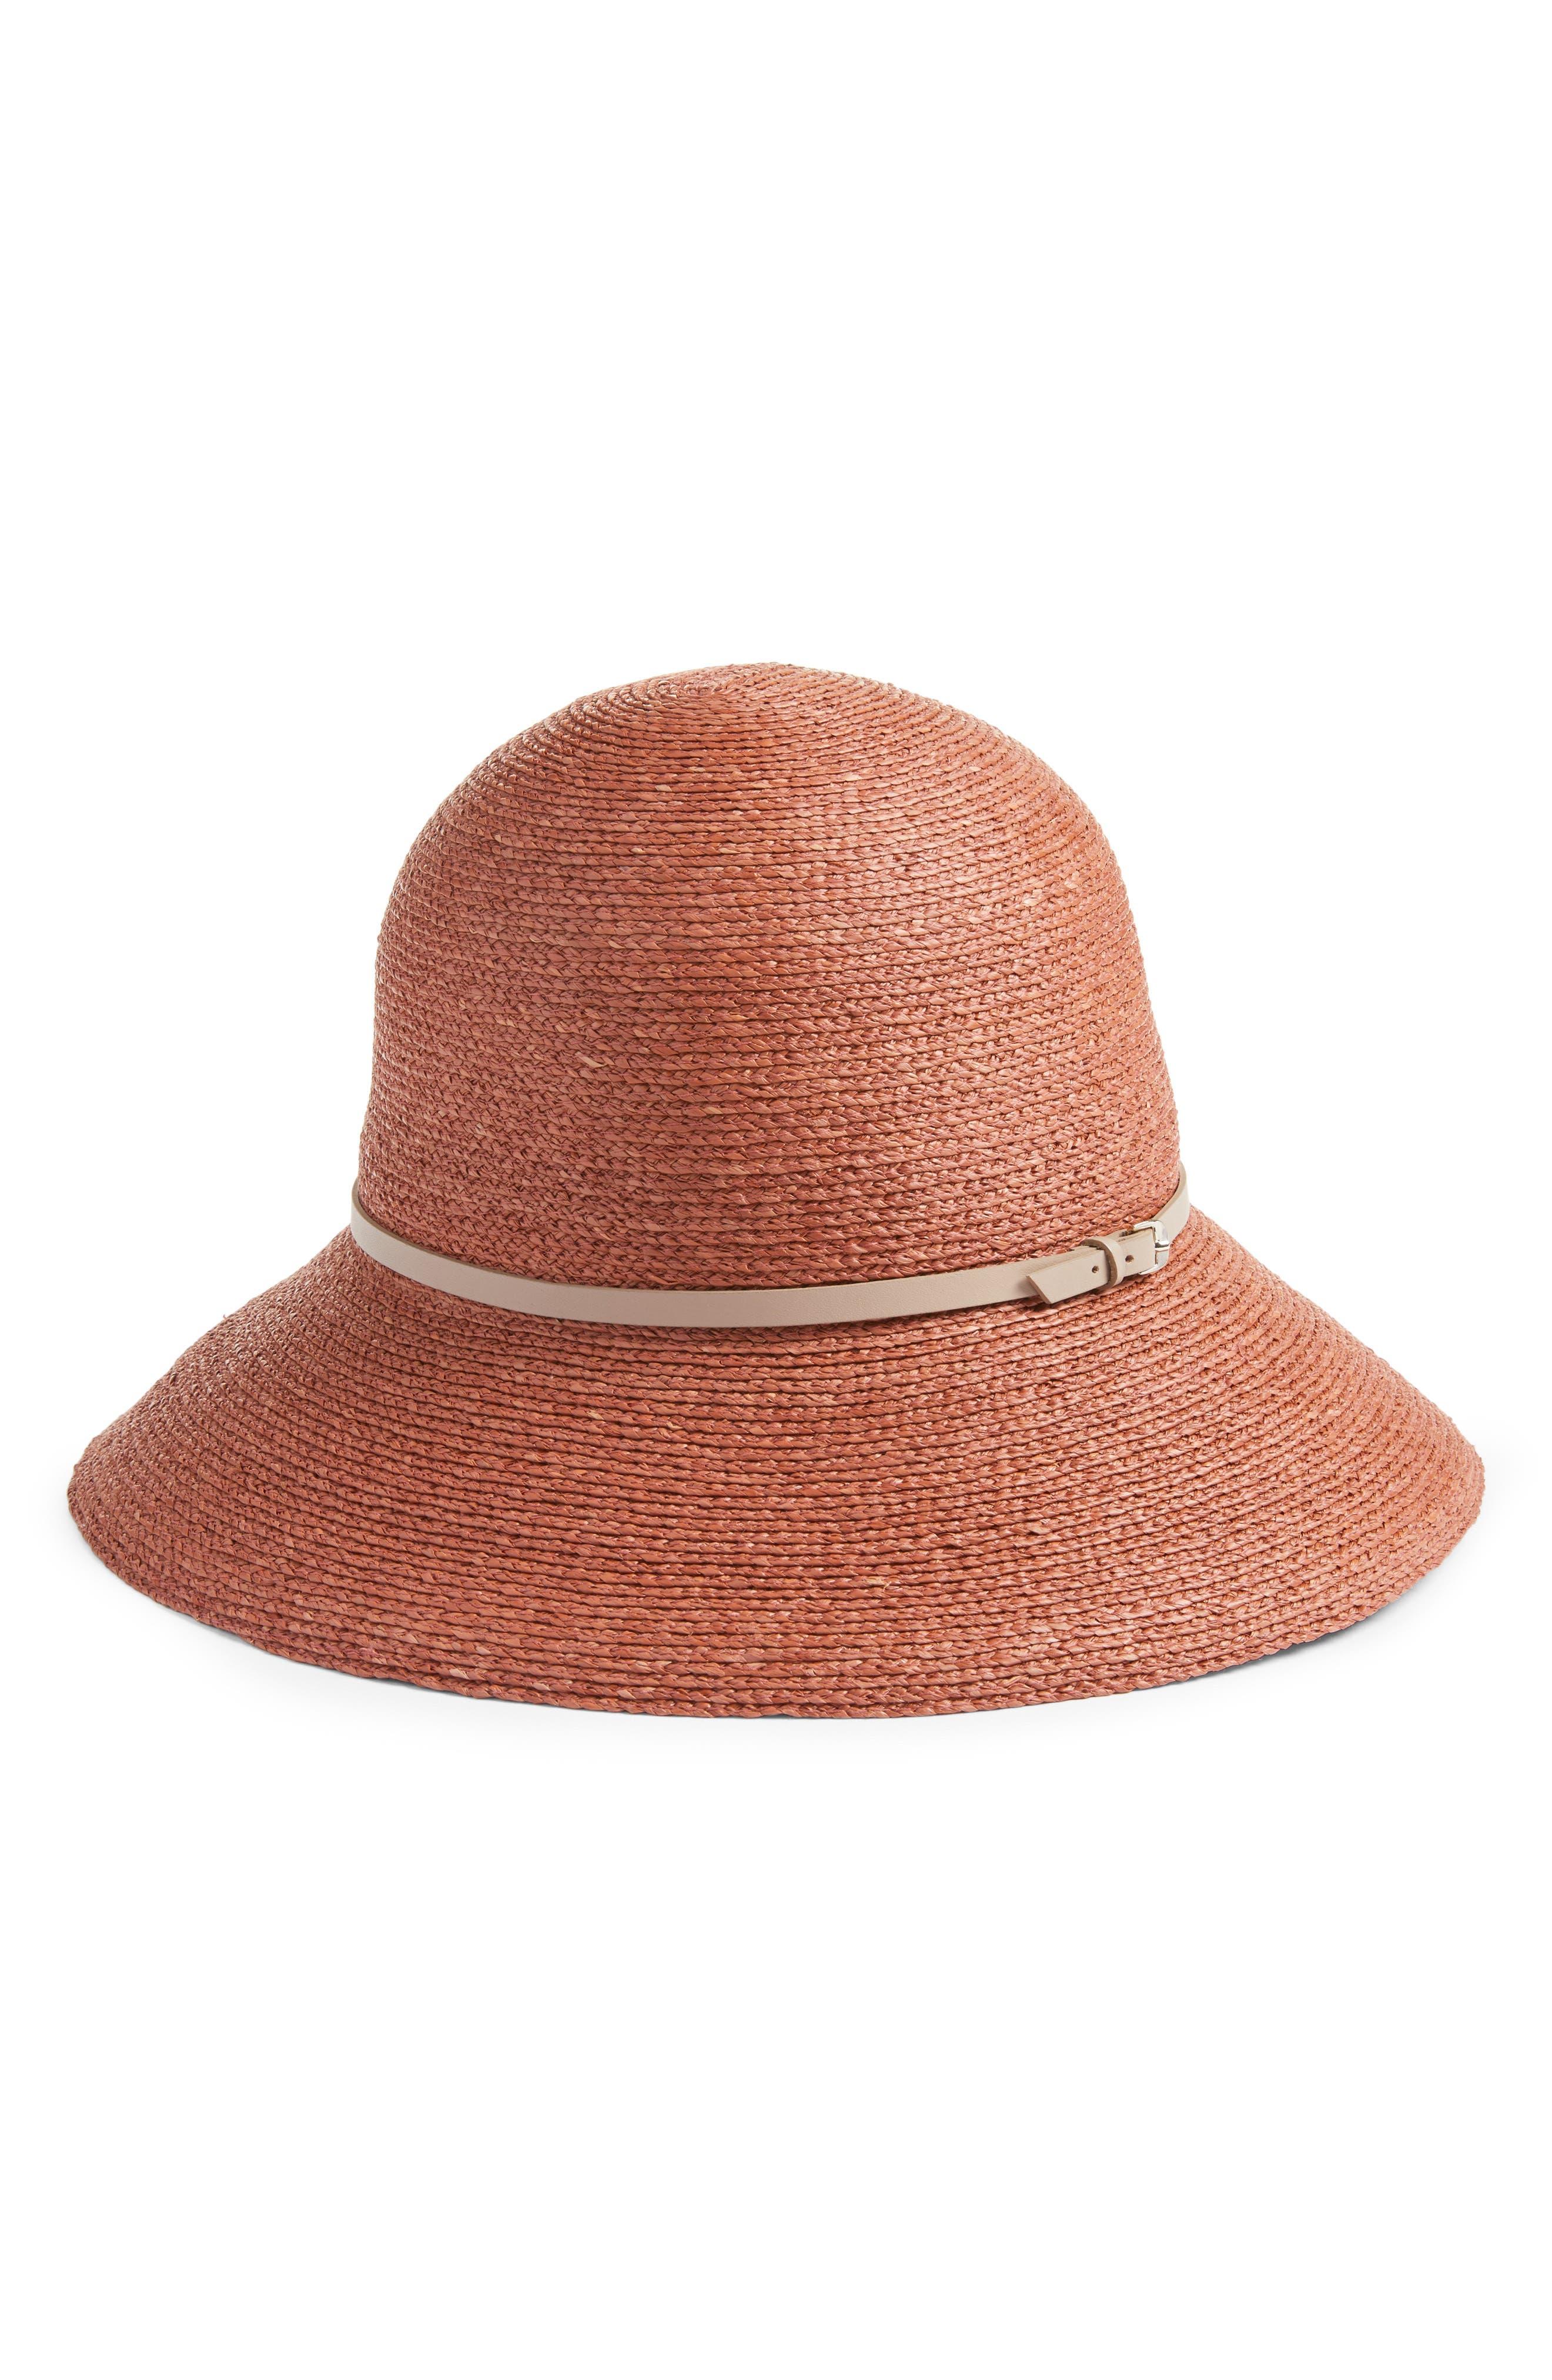 Packable Raffia Cloche Hat,                             Main thumbnail 1, color,                             Auburn